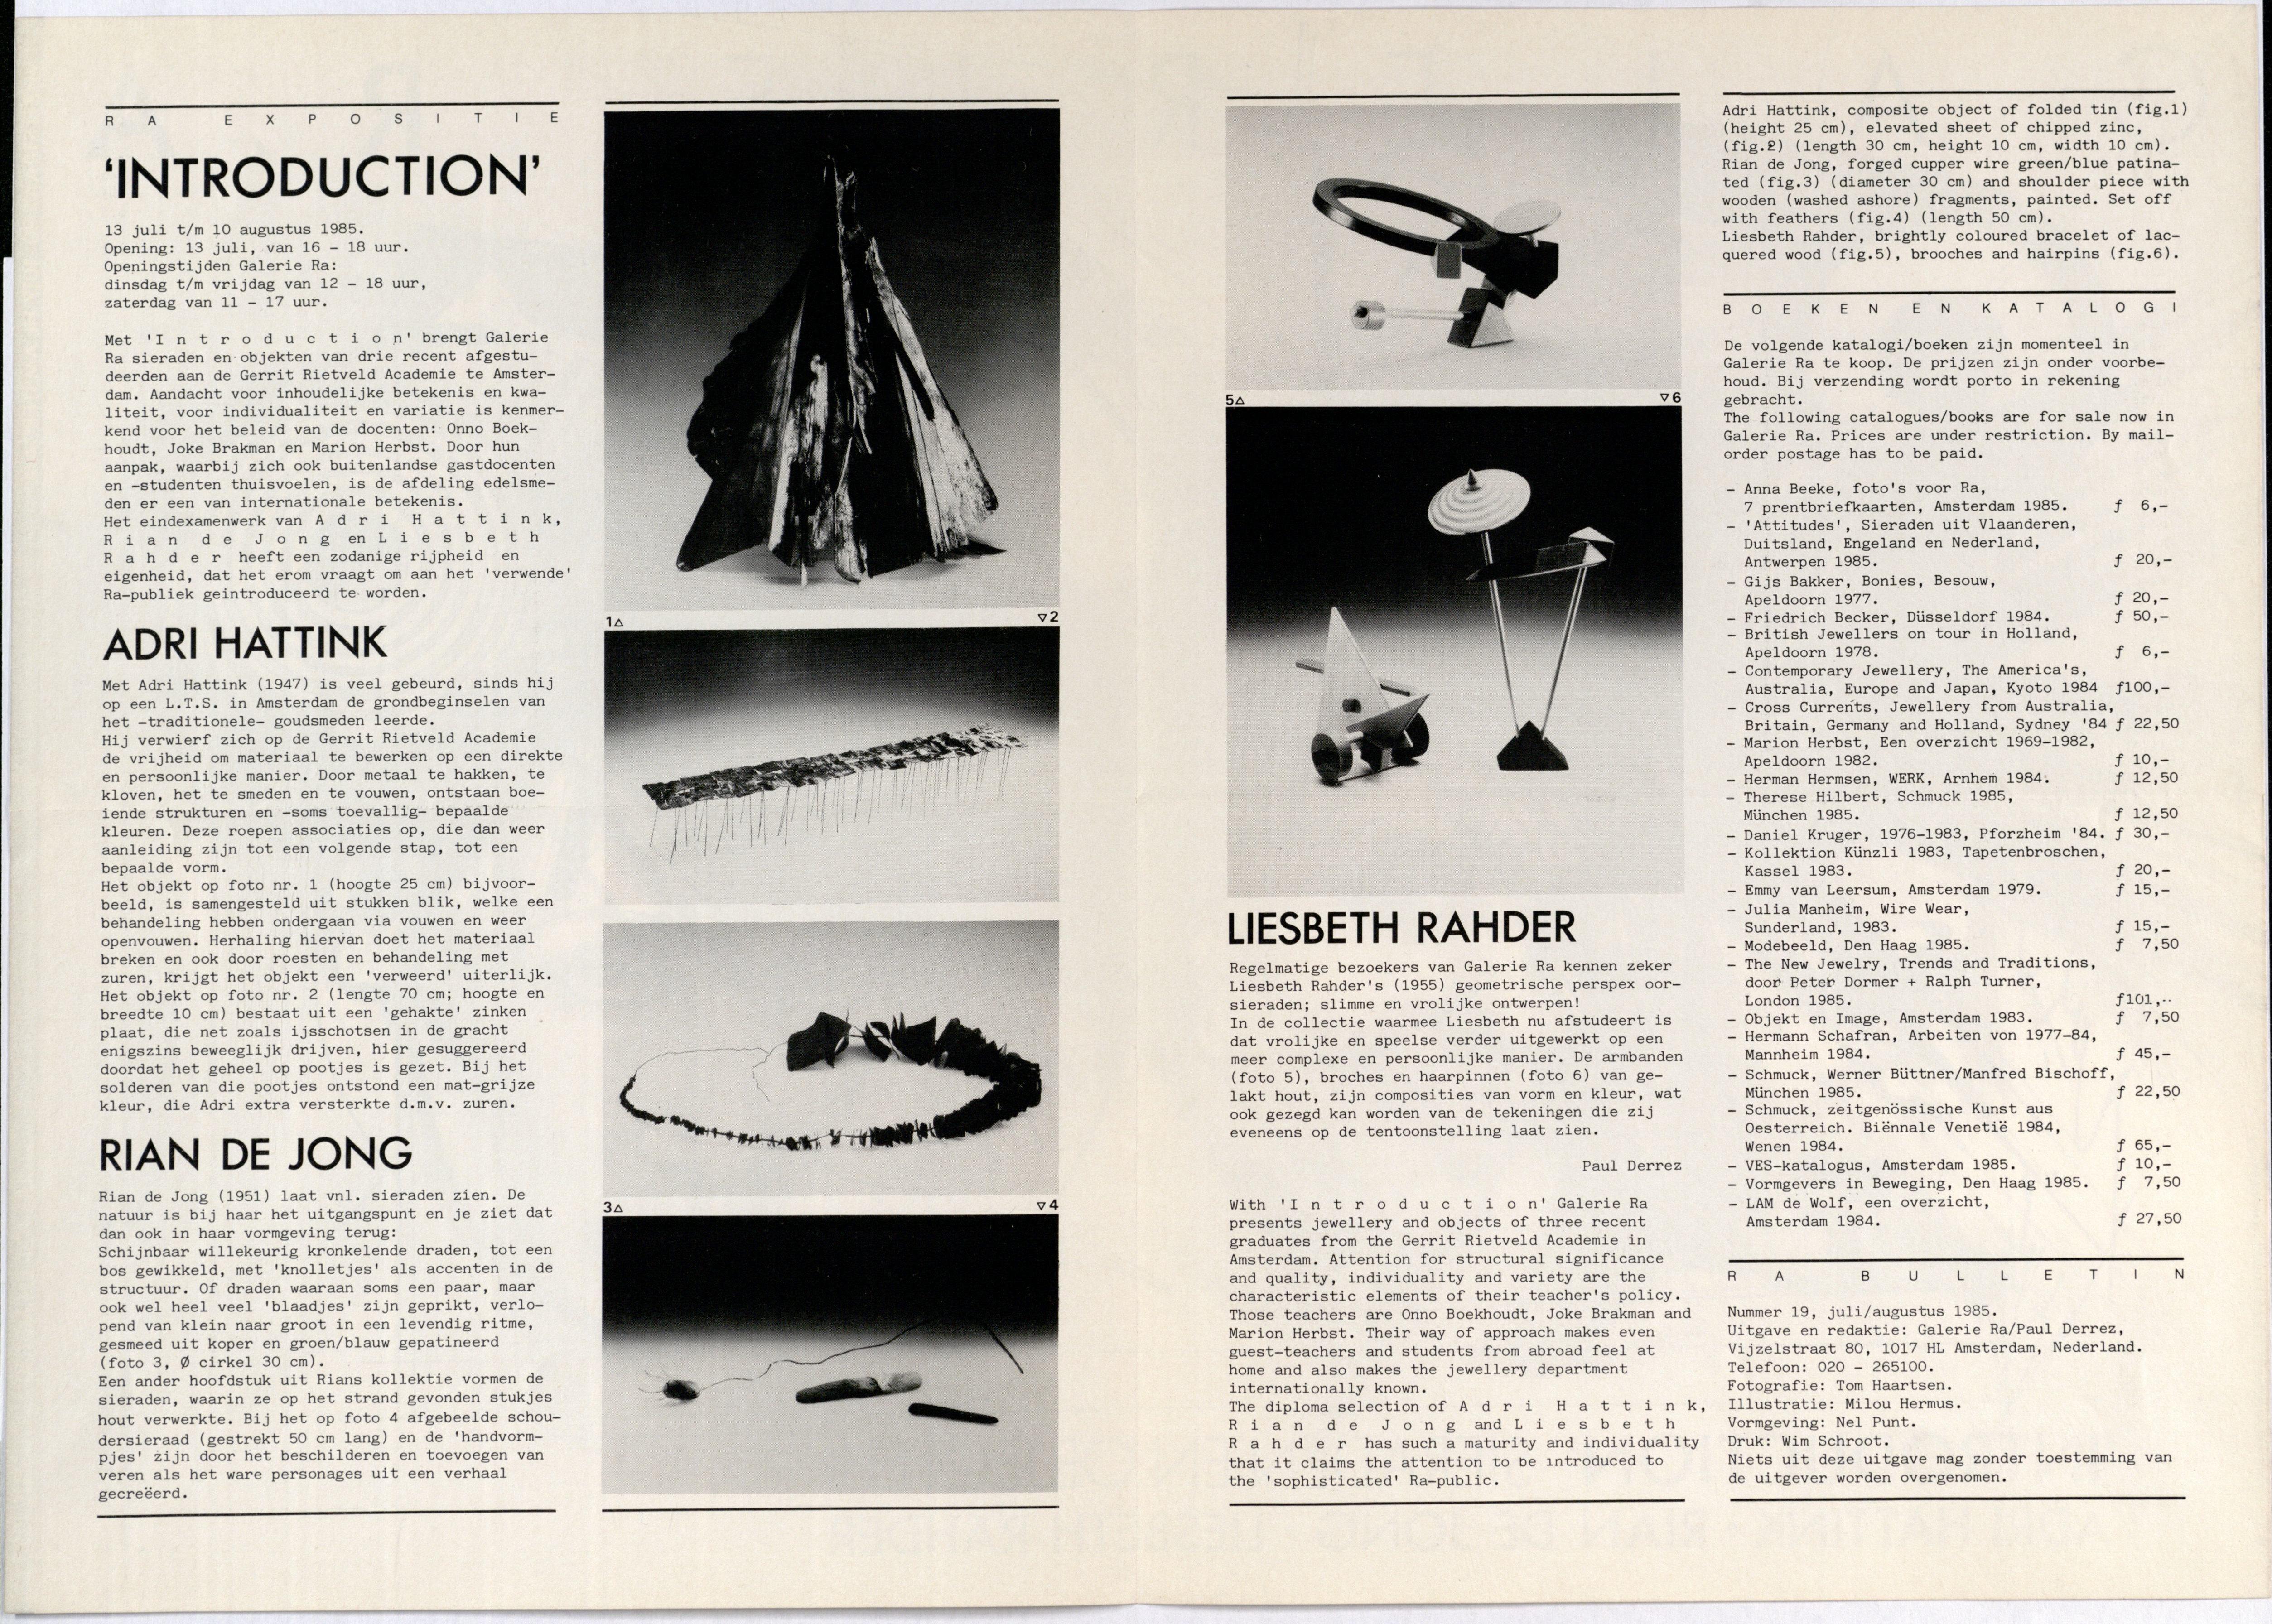 Ra Bulletin 19, juli/augustus 1985, achterzijde met tekst en foto's van Tom Haartsen, drukwerk, papier, Adri Hattink, Rian de Jong, Liesbeth Rahder